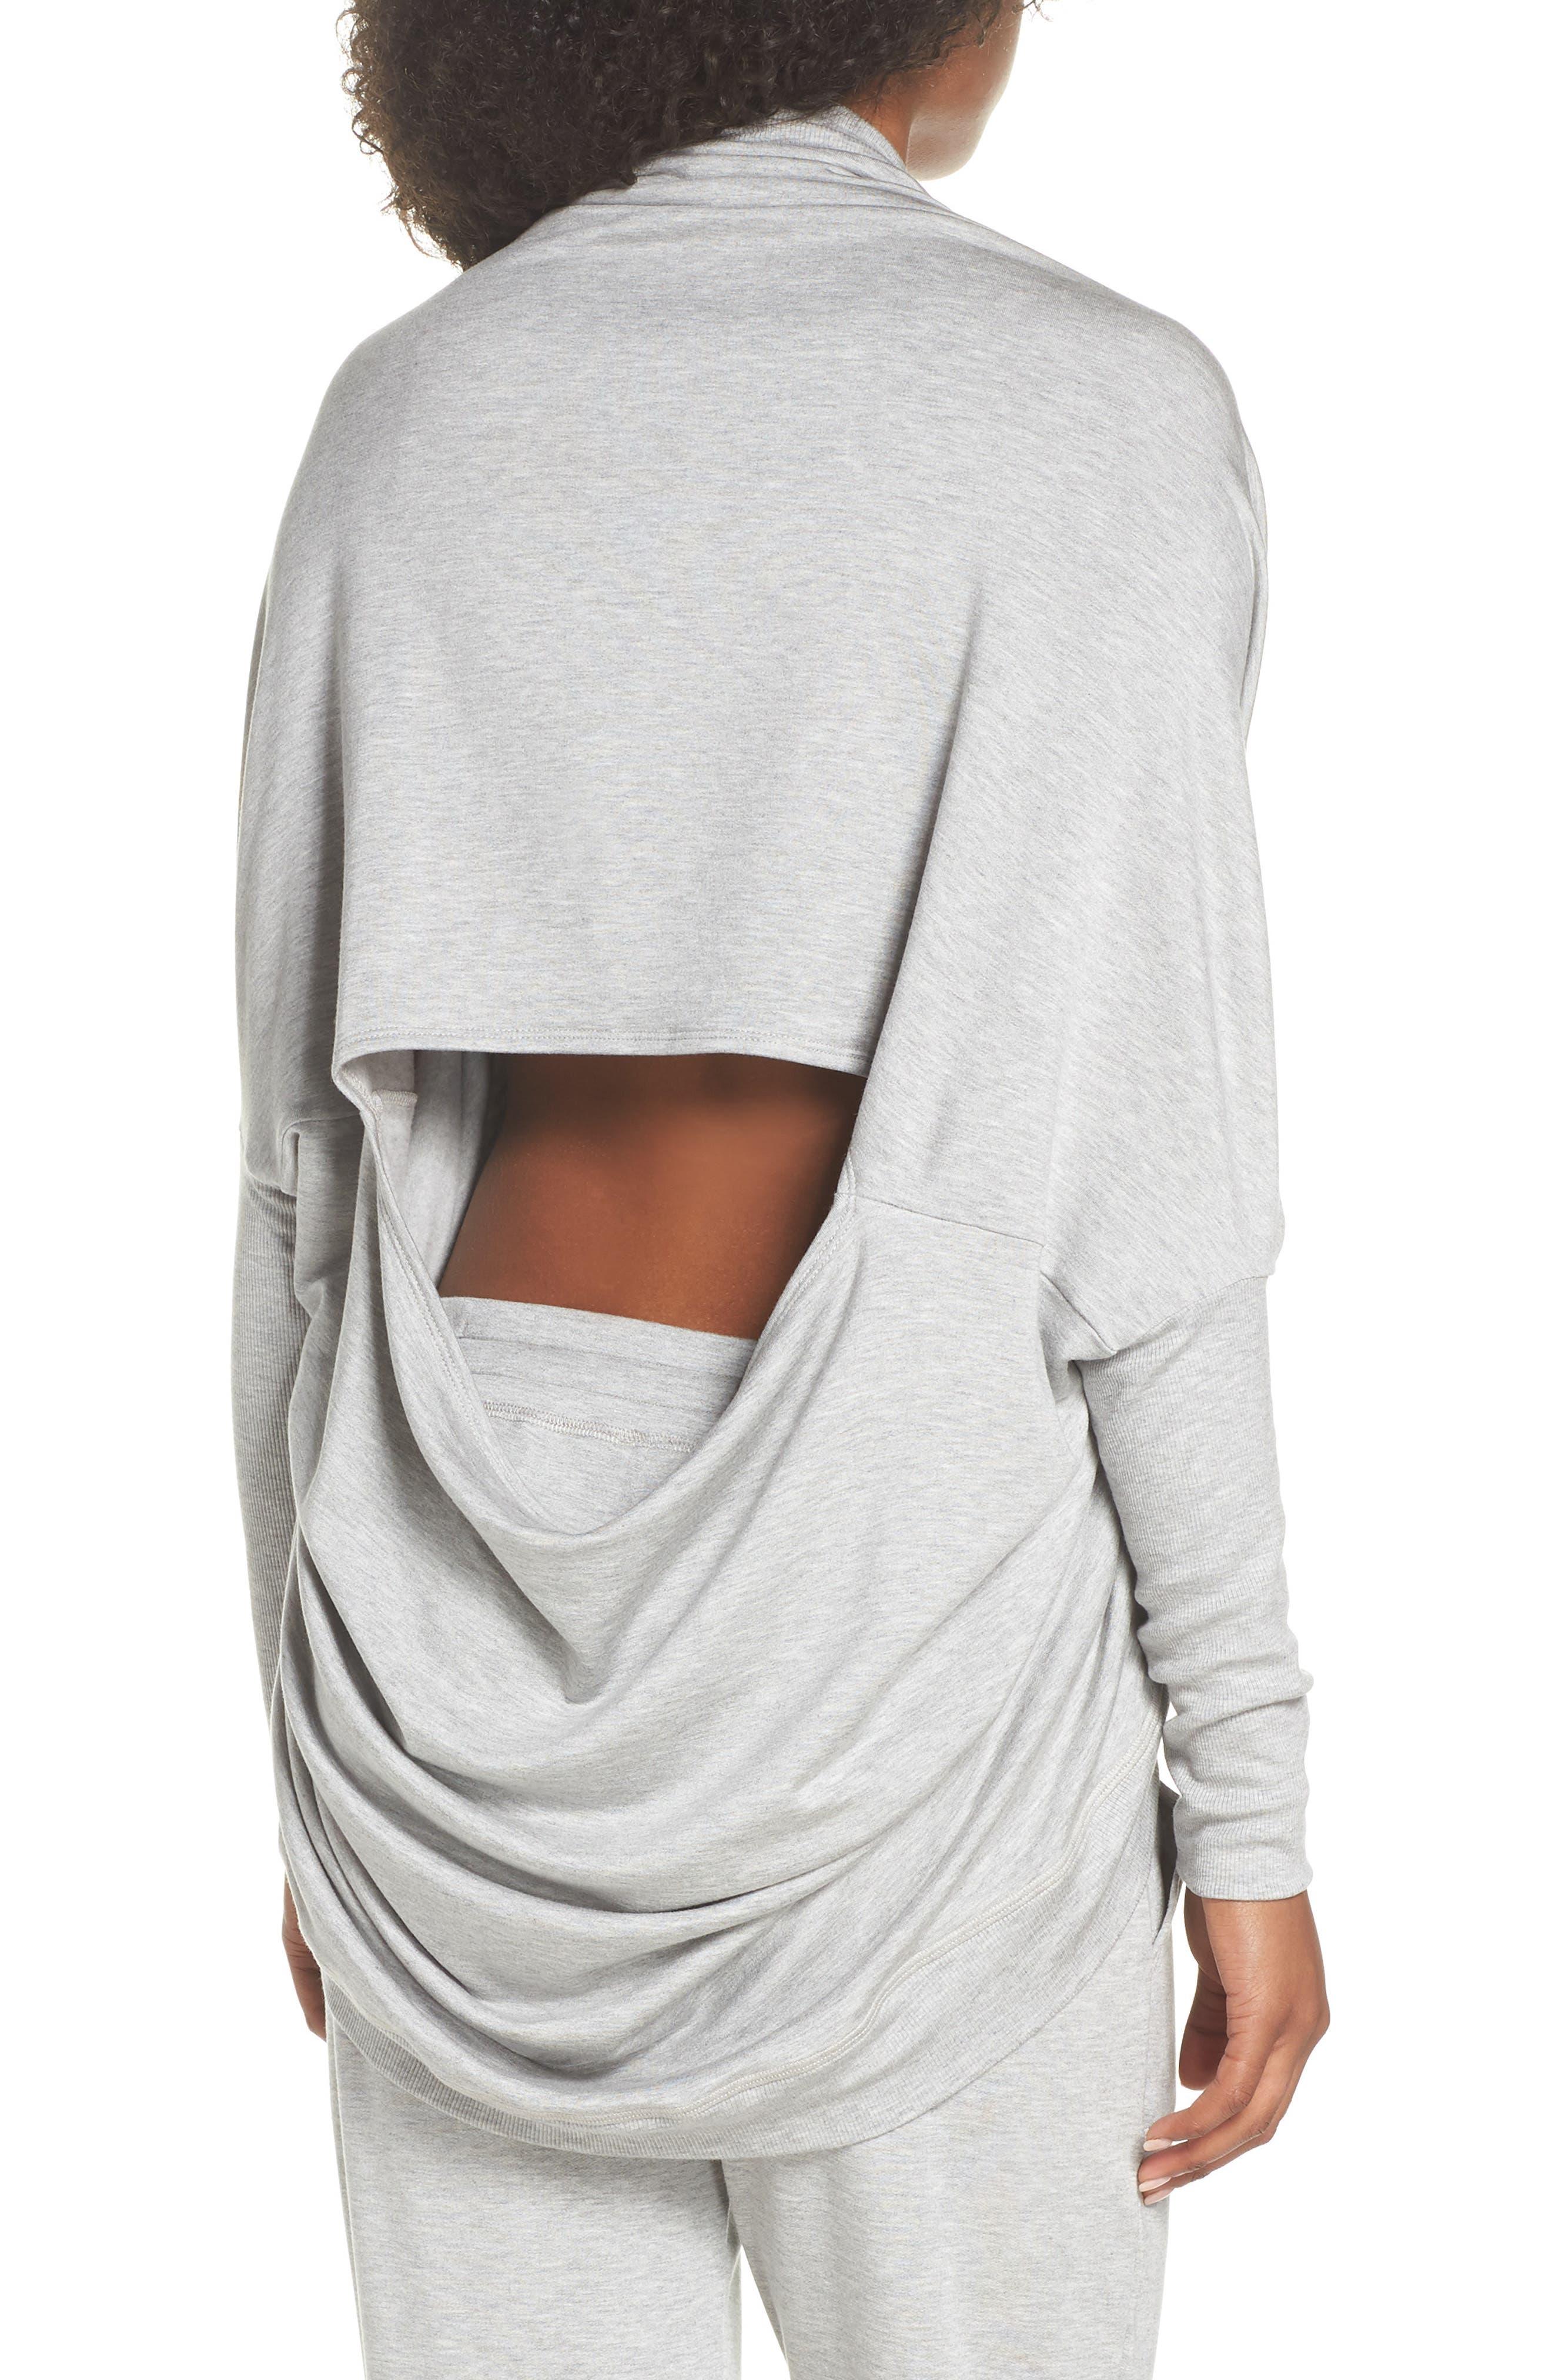 'Cozy' Convertible Fleece Pullover,                             Alternate thumbnail 3, color,                             Light Heather Gray